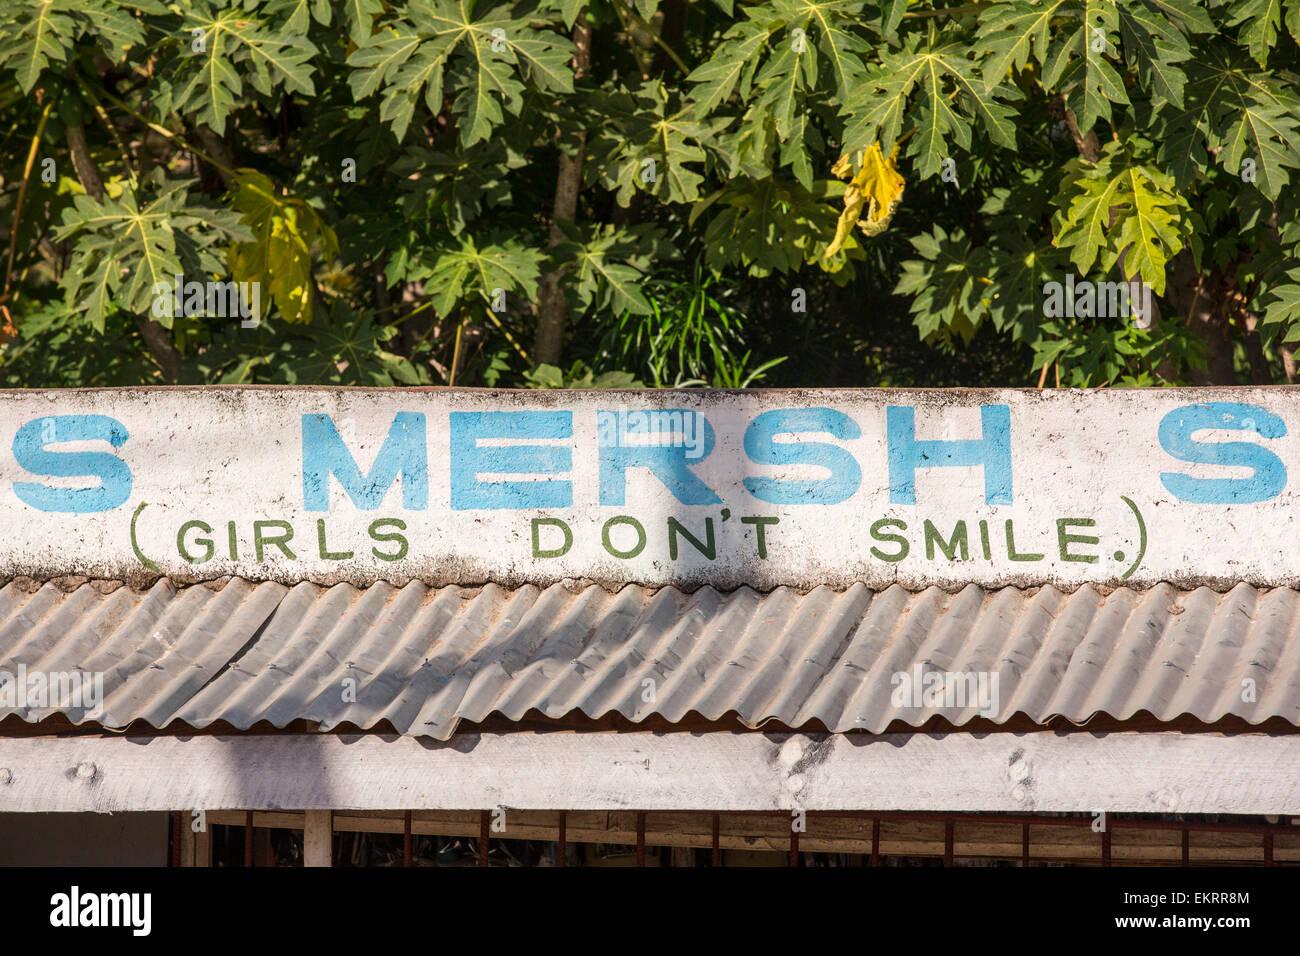 Una extraña declaración sobre una tienda de Malawi, África. Imagen De Stock